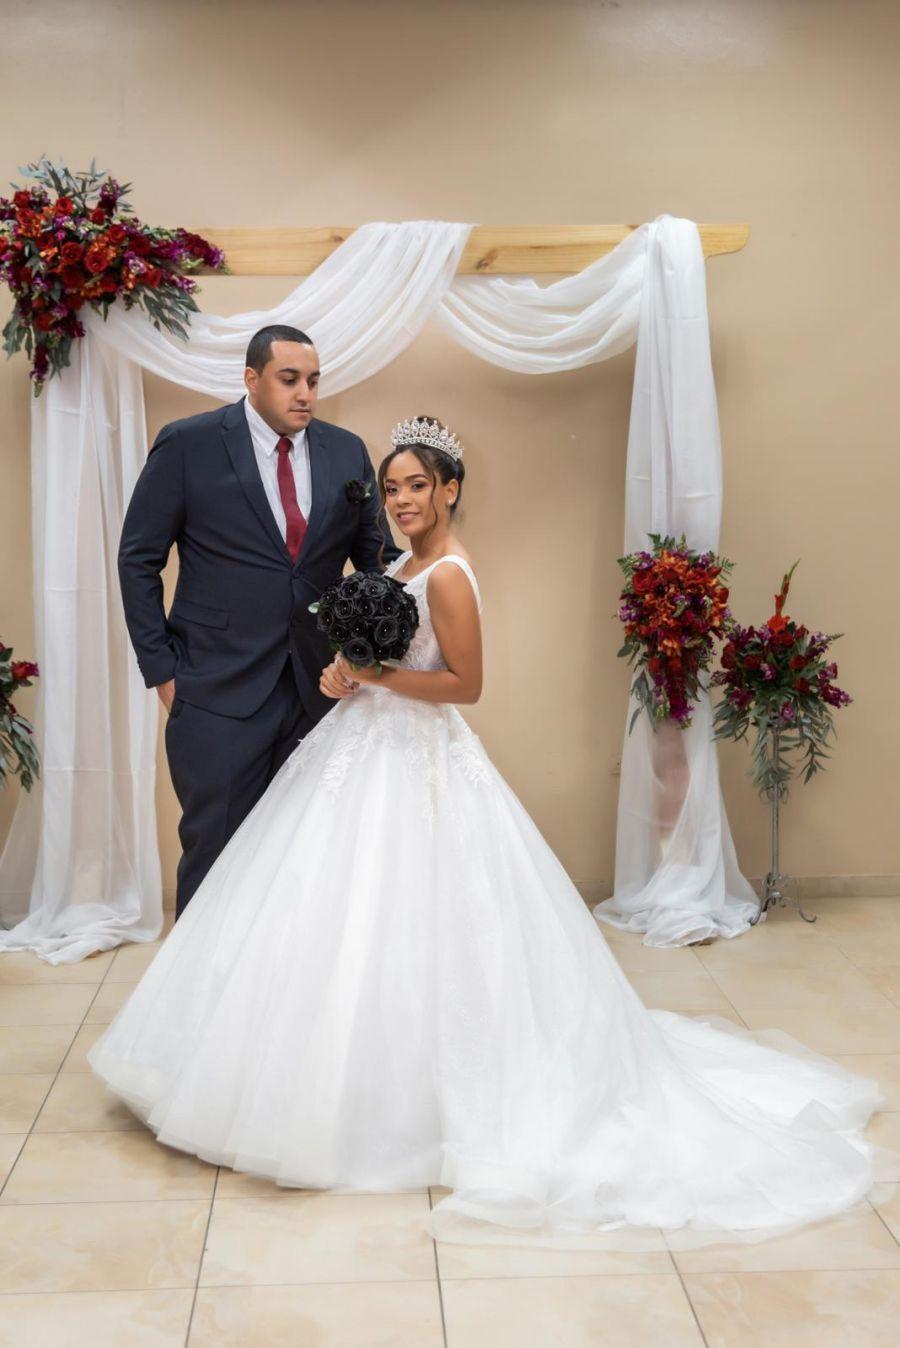 Vestidos de novias en santiago republica dominicana para venta y alquiler